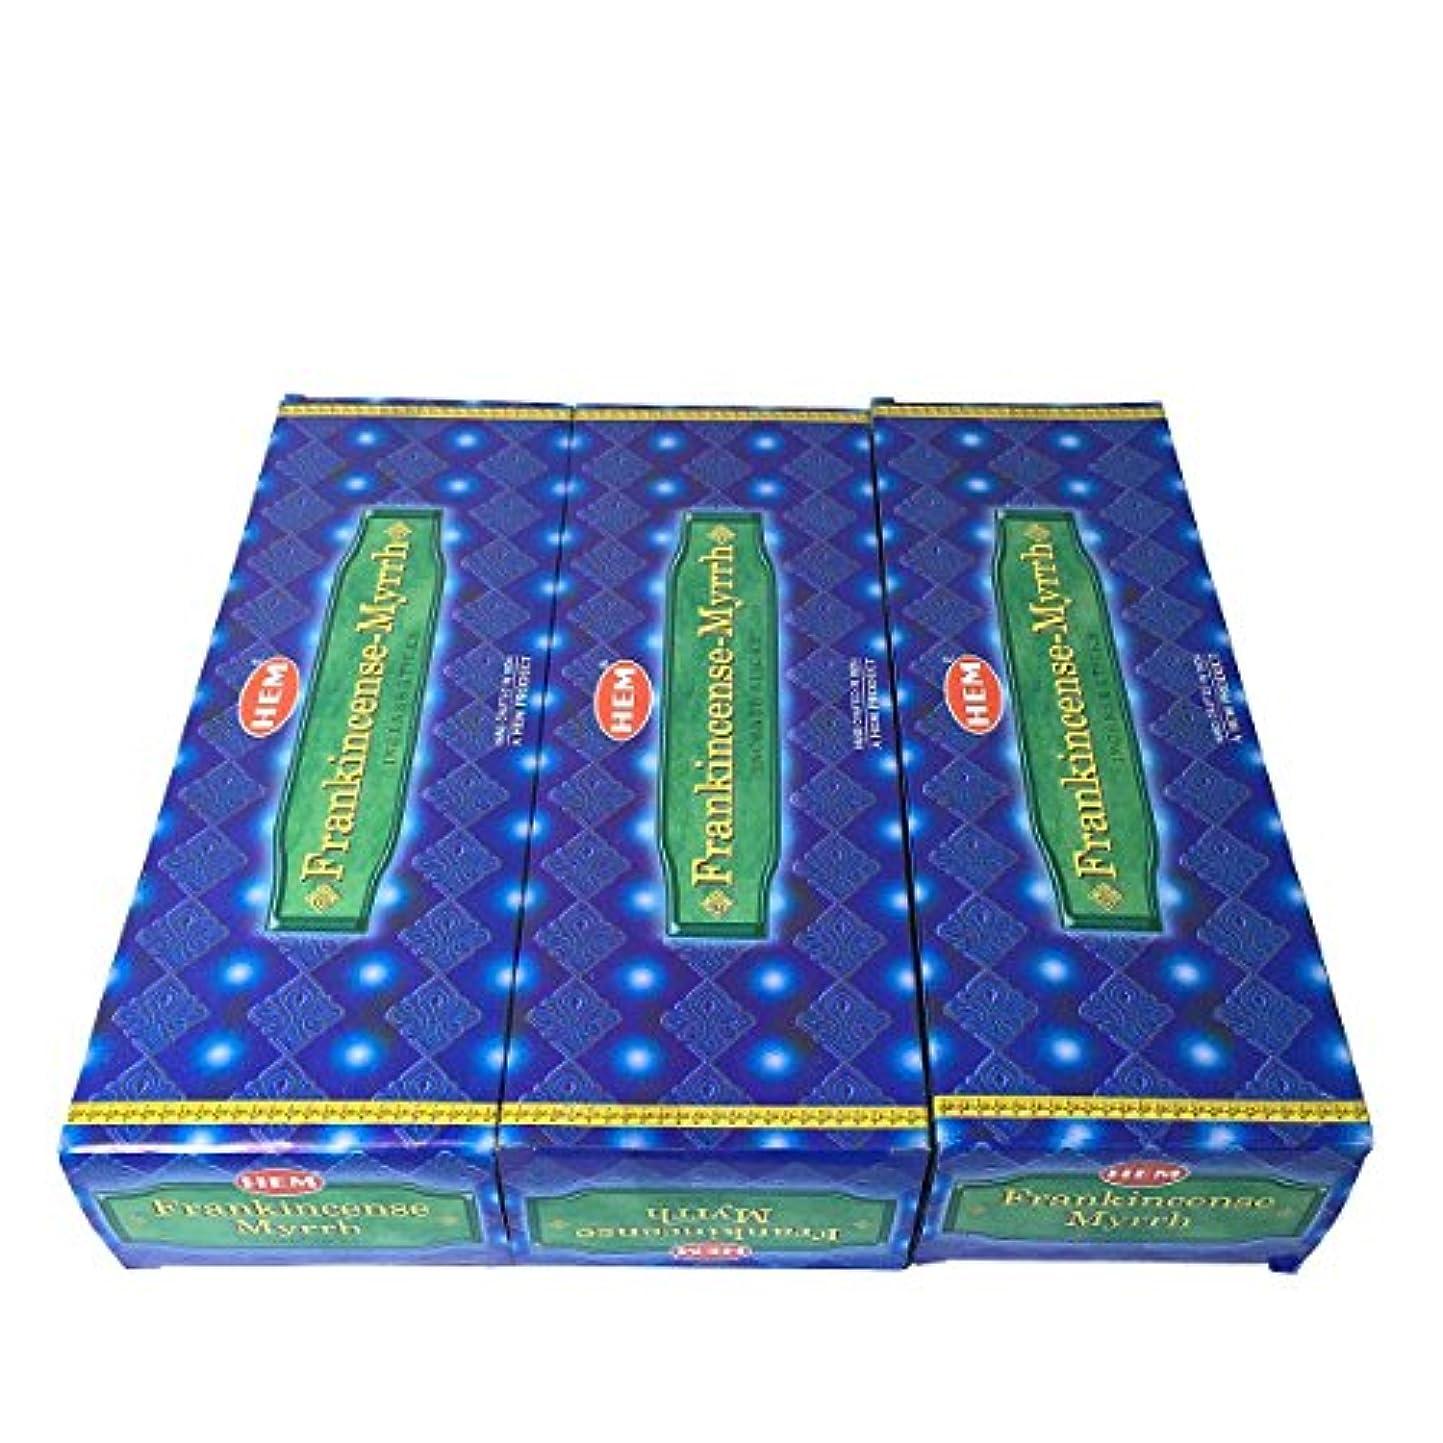 油解決する結び目フランキンセンス ミルラ香スティック 3BOX(18箱) /HEM FRANKINCENSE MYRRH/インセンス/インド香 お香 [並行輸入品]